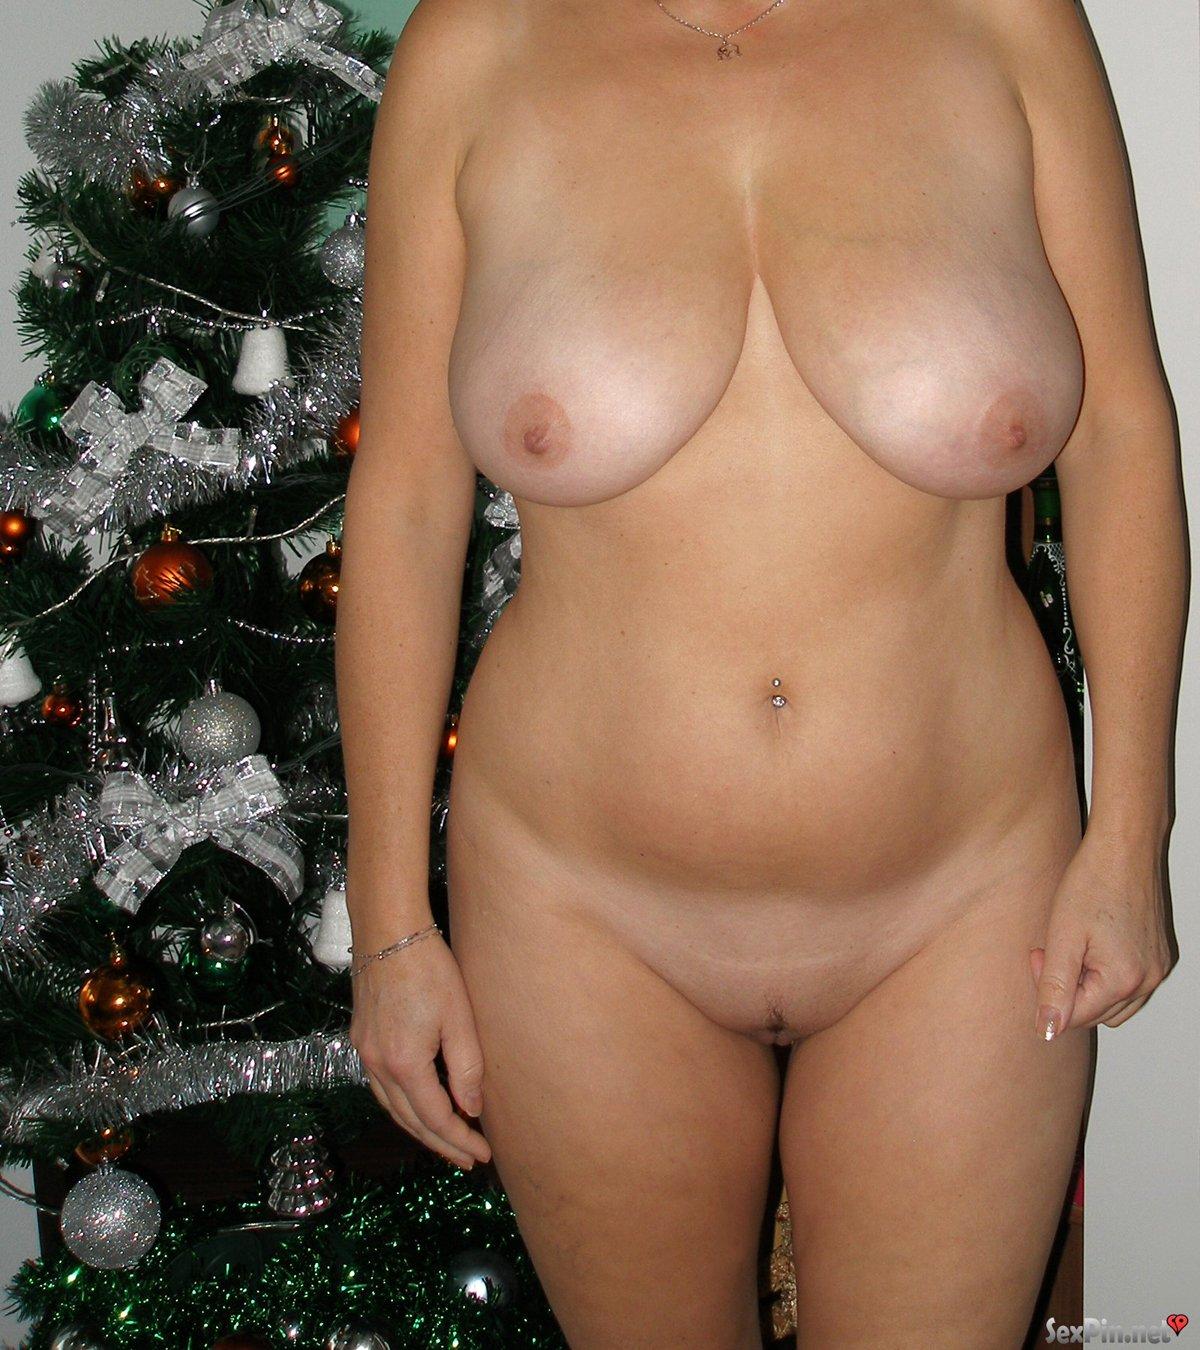 Amateur Milf muestra en Navidad grandes tetas naturales y coño